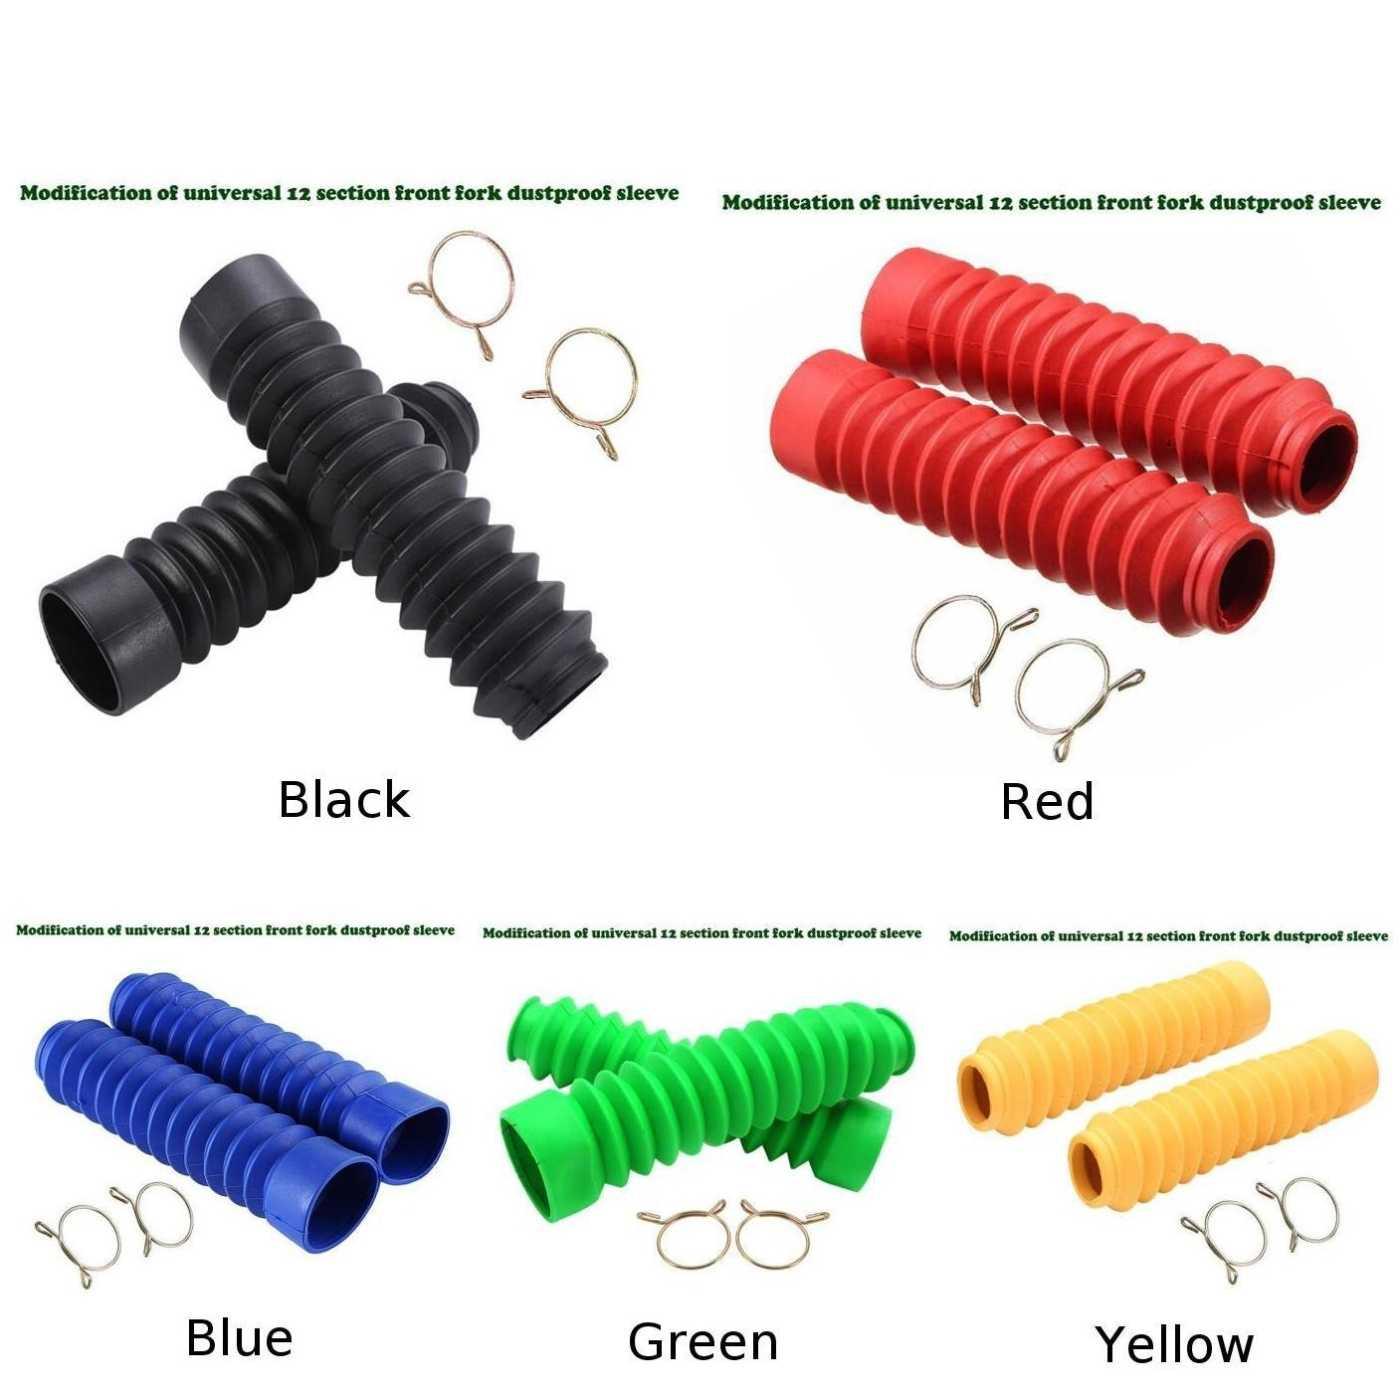 25*28mm Evrensel Motosiklet Ön Çatal Kapağı Motosiklet Gator Çatal Botları Kauçuk Siyah, Kırmızı, mavi, Yeşil, Sarı